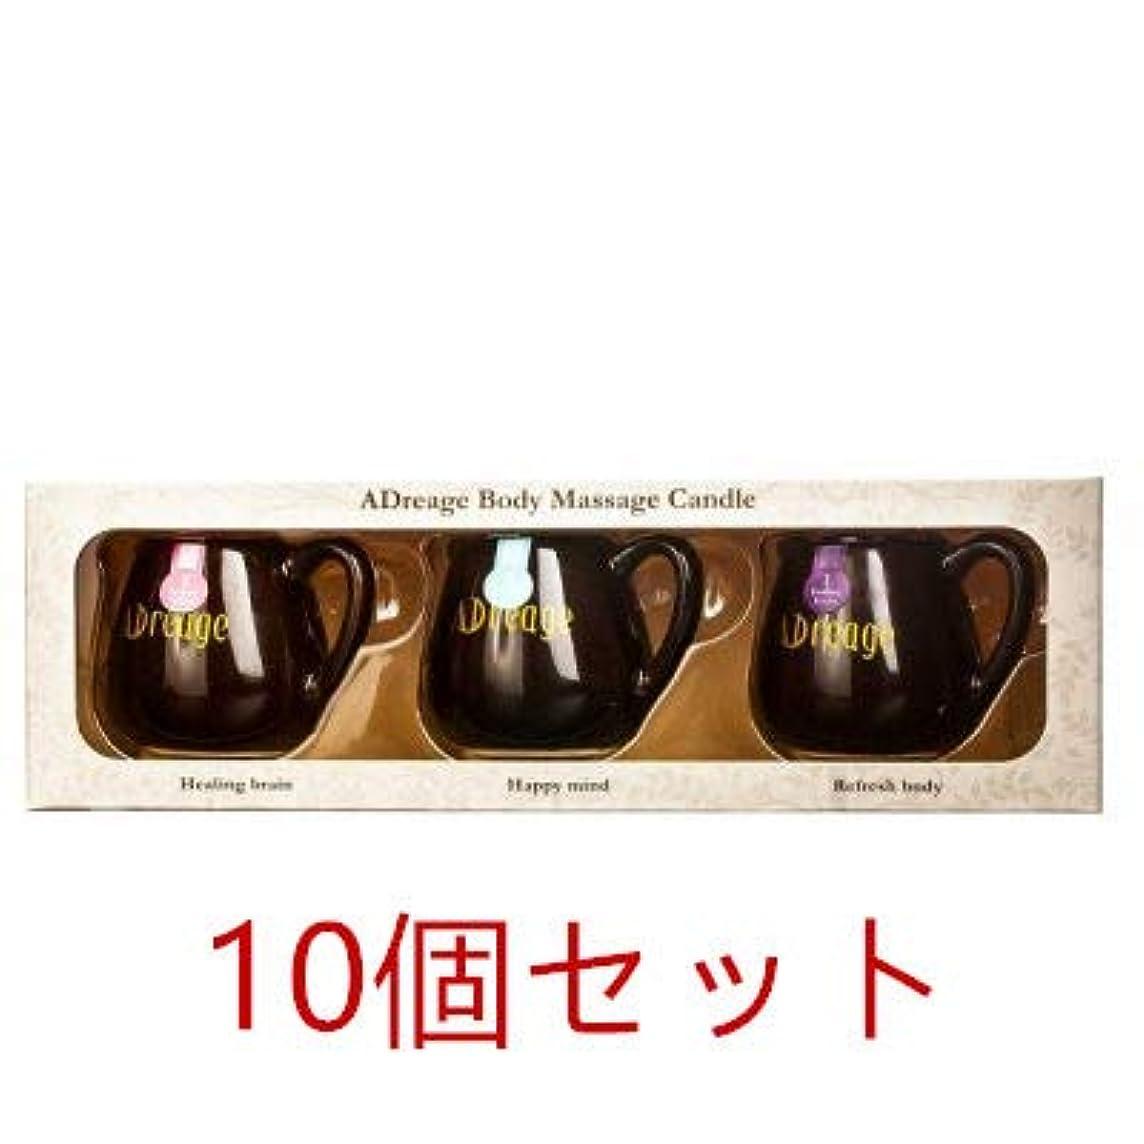 ハードウェアコウモリ前文SAKURA LOVE Aroma Candle【アドレアージュ キャンドルミニセット】10個セット